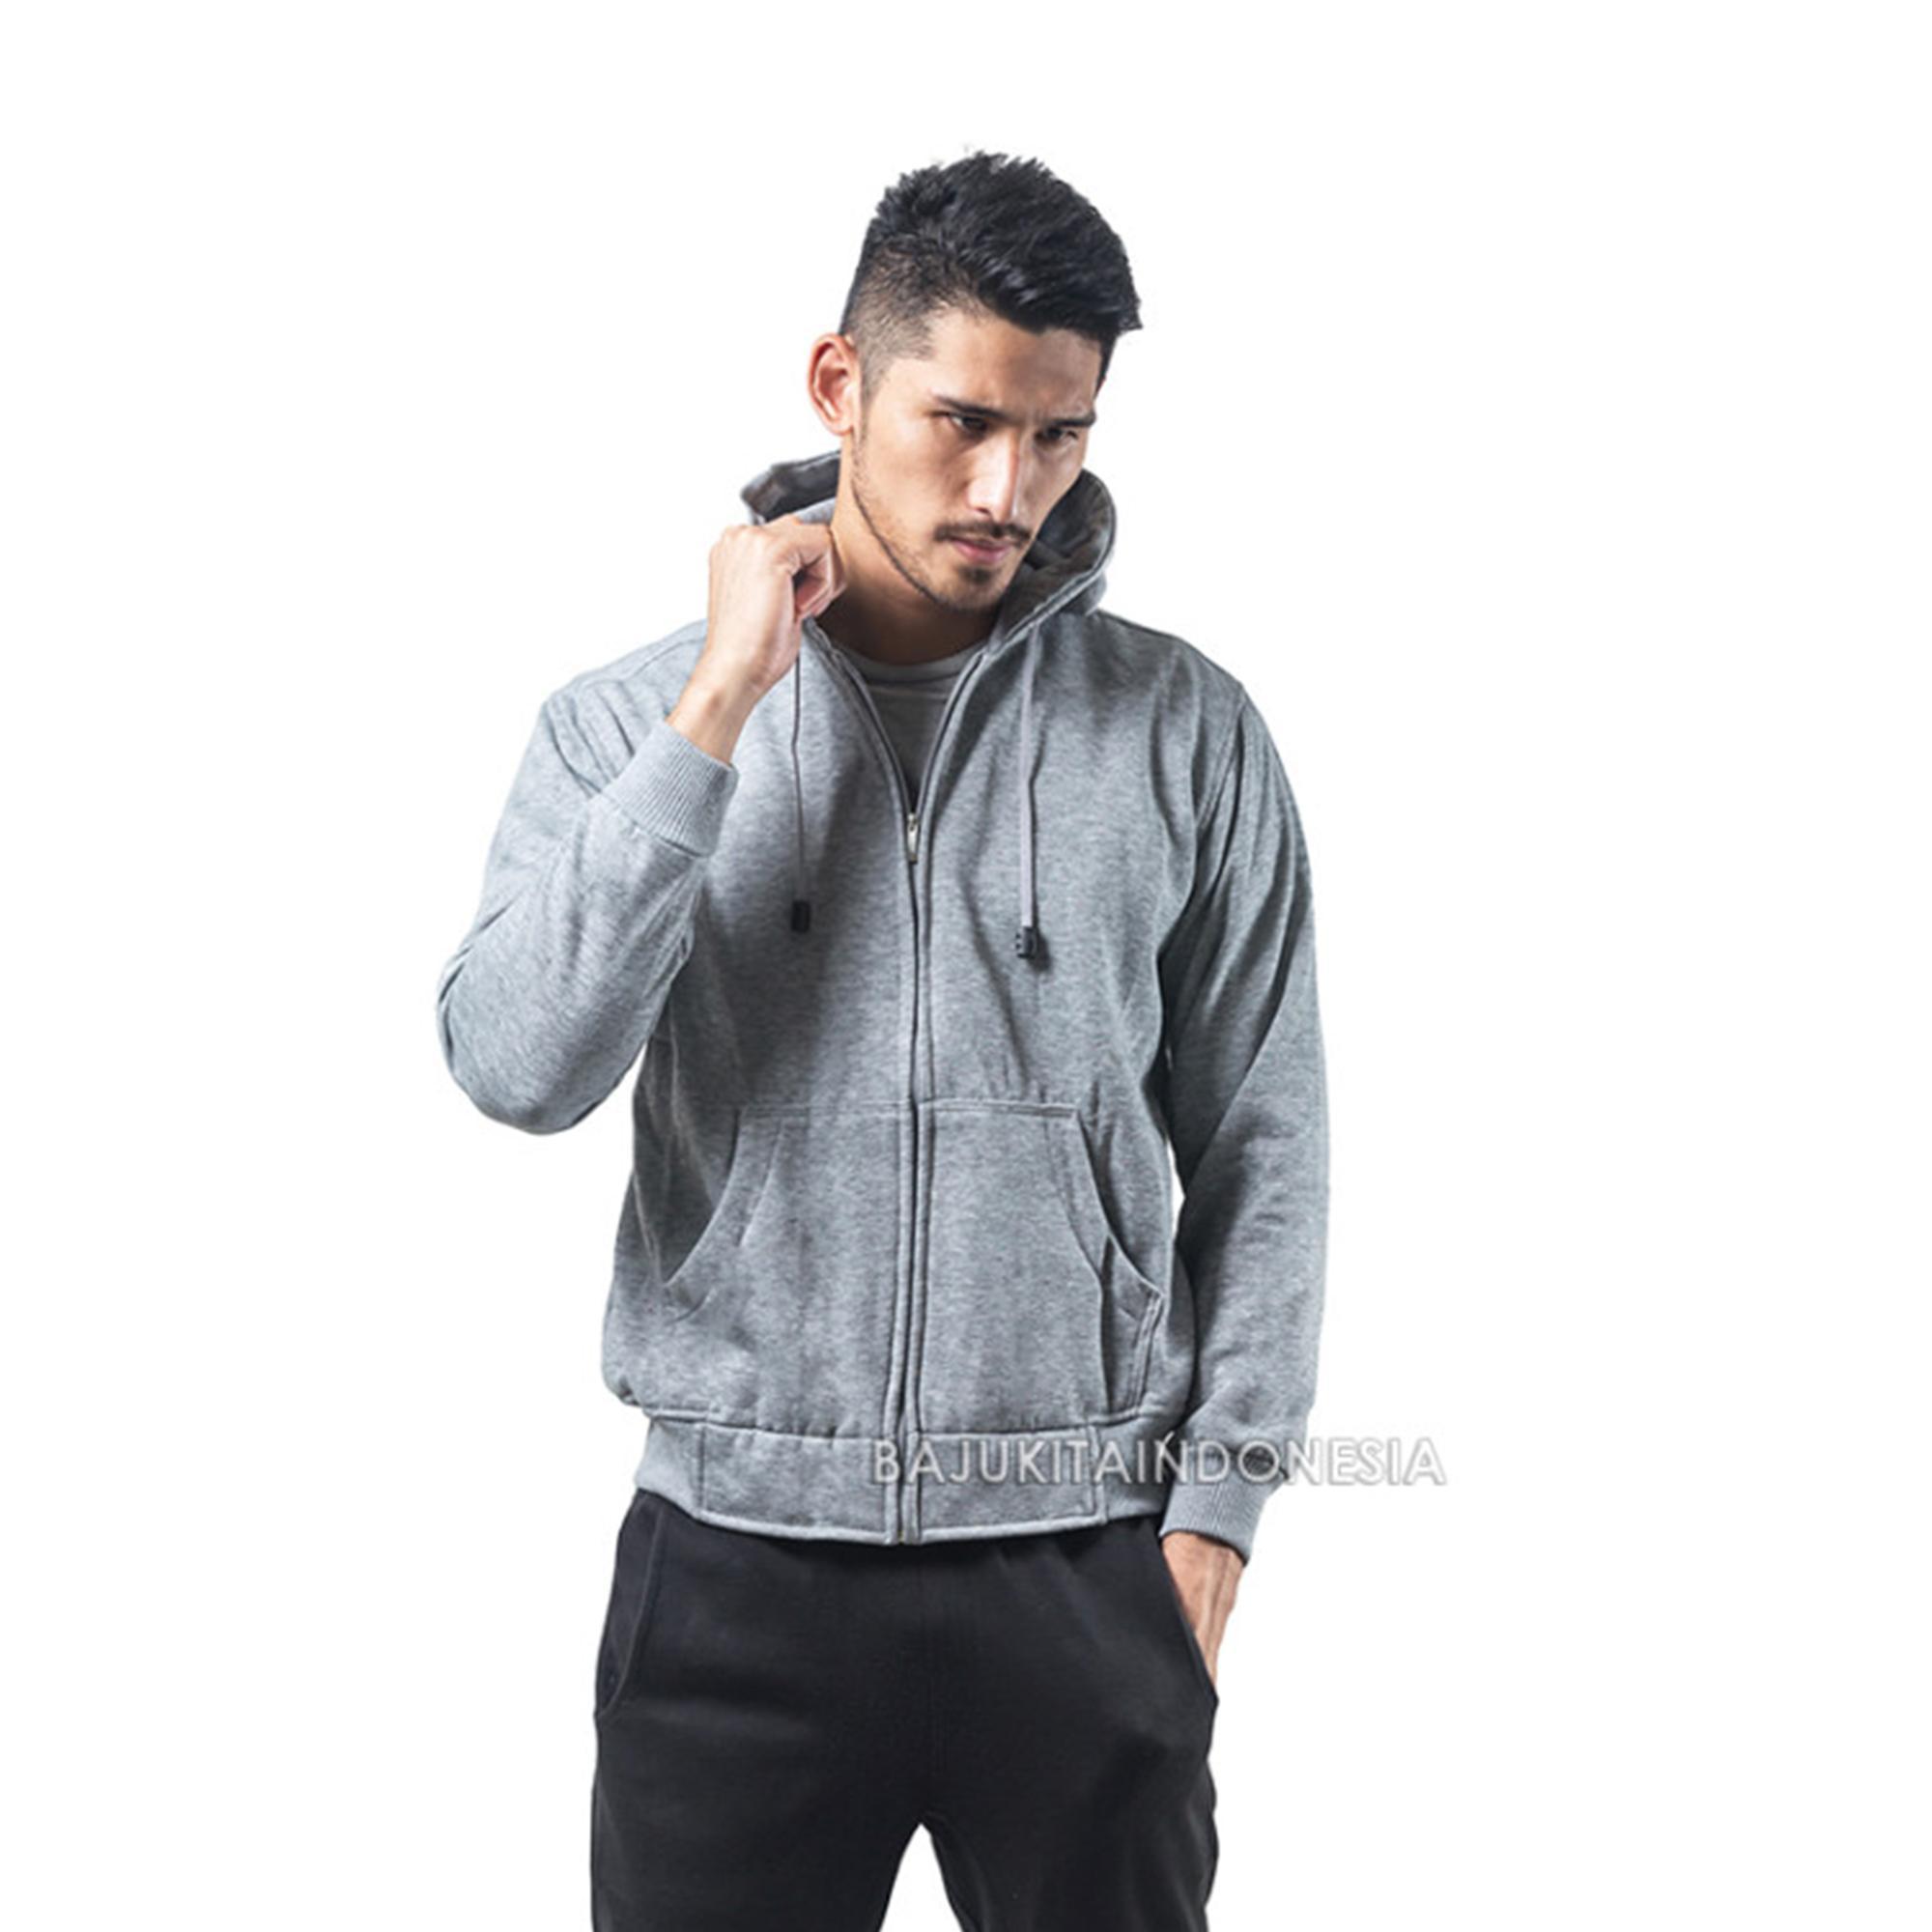 Bajukitaindonesia Jaket Hoodie Zipper Polos ABU MUDA - Pria dan Wanita